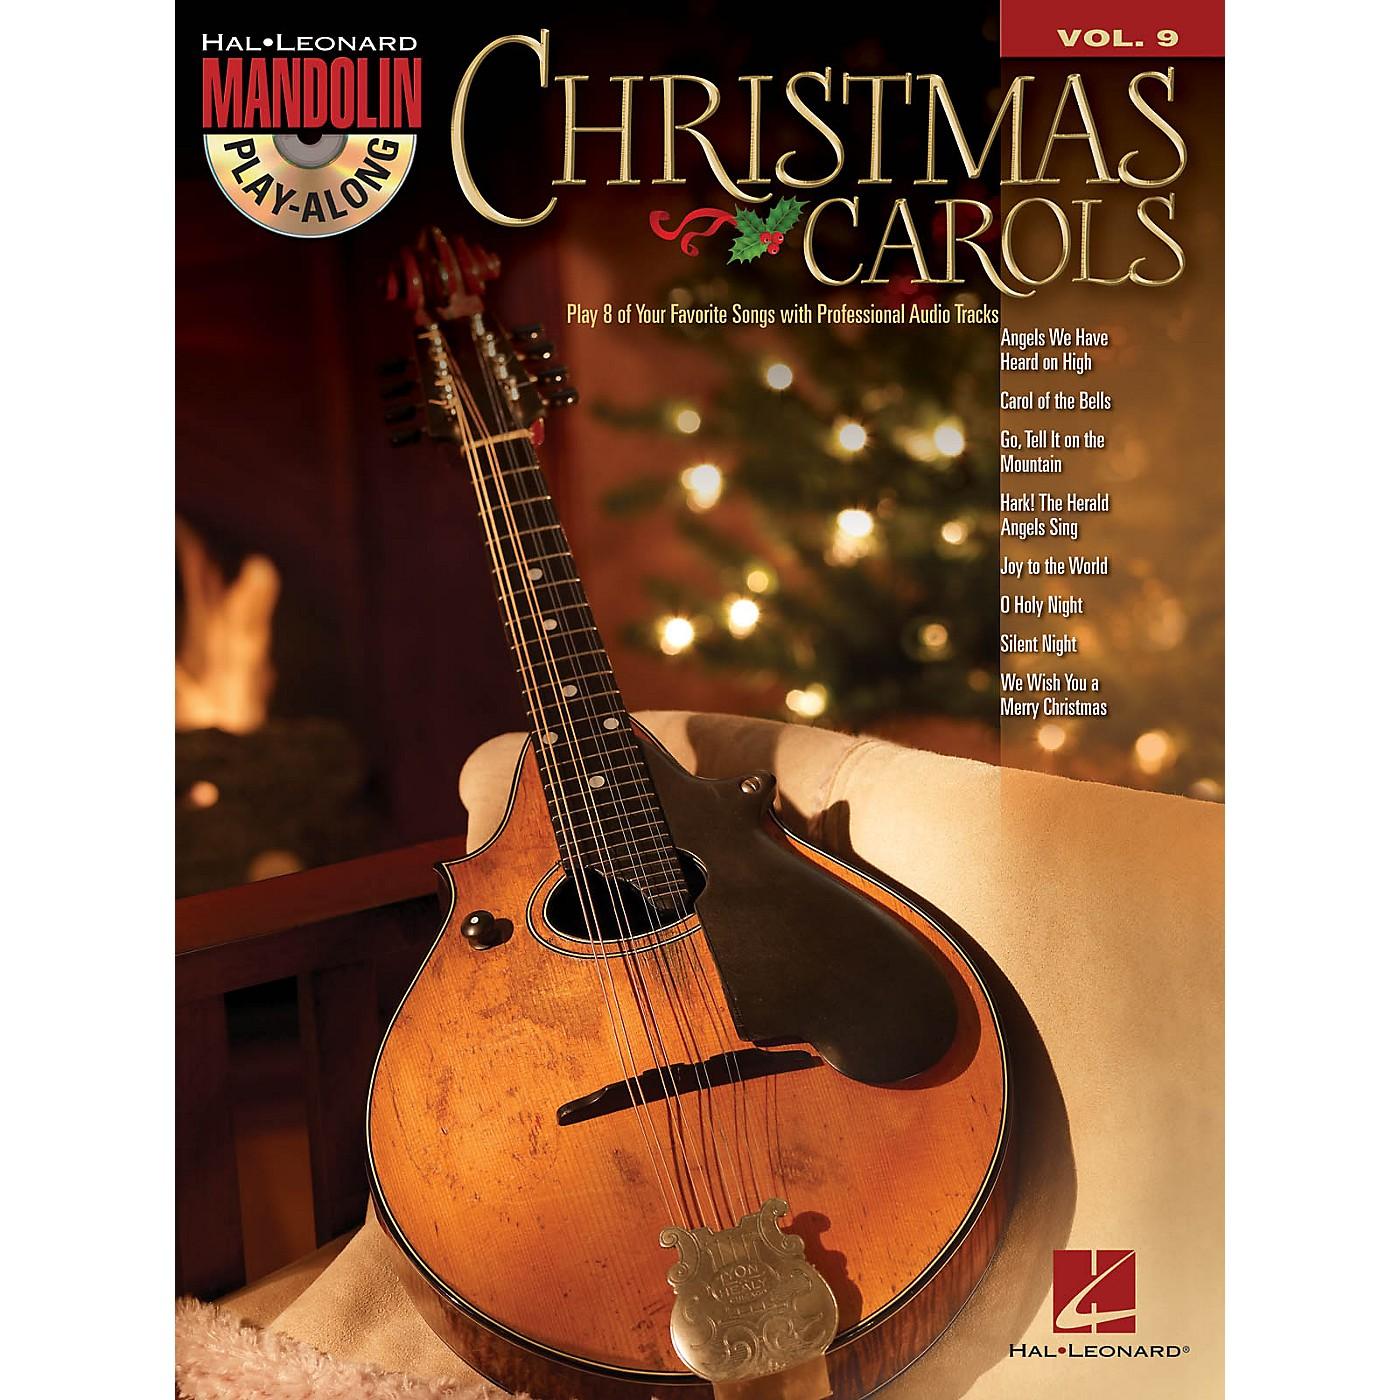 Hal Leonard Christmas Carols (Mandolin Play-Along Volume 9) Mandolin Play-Along Series Softcover with CD thumbnail